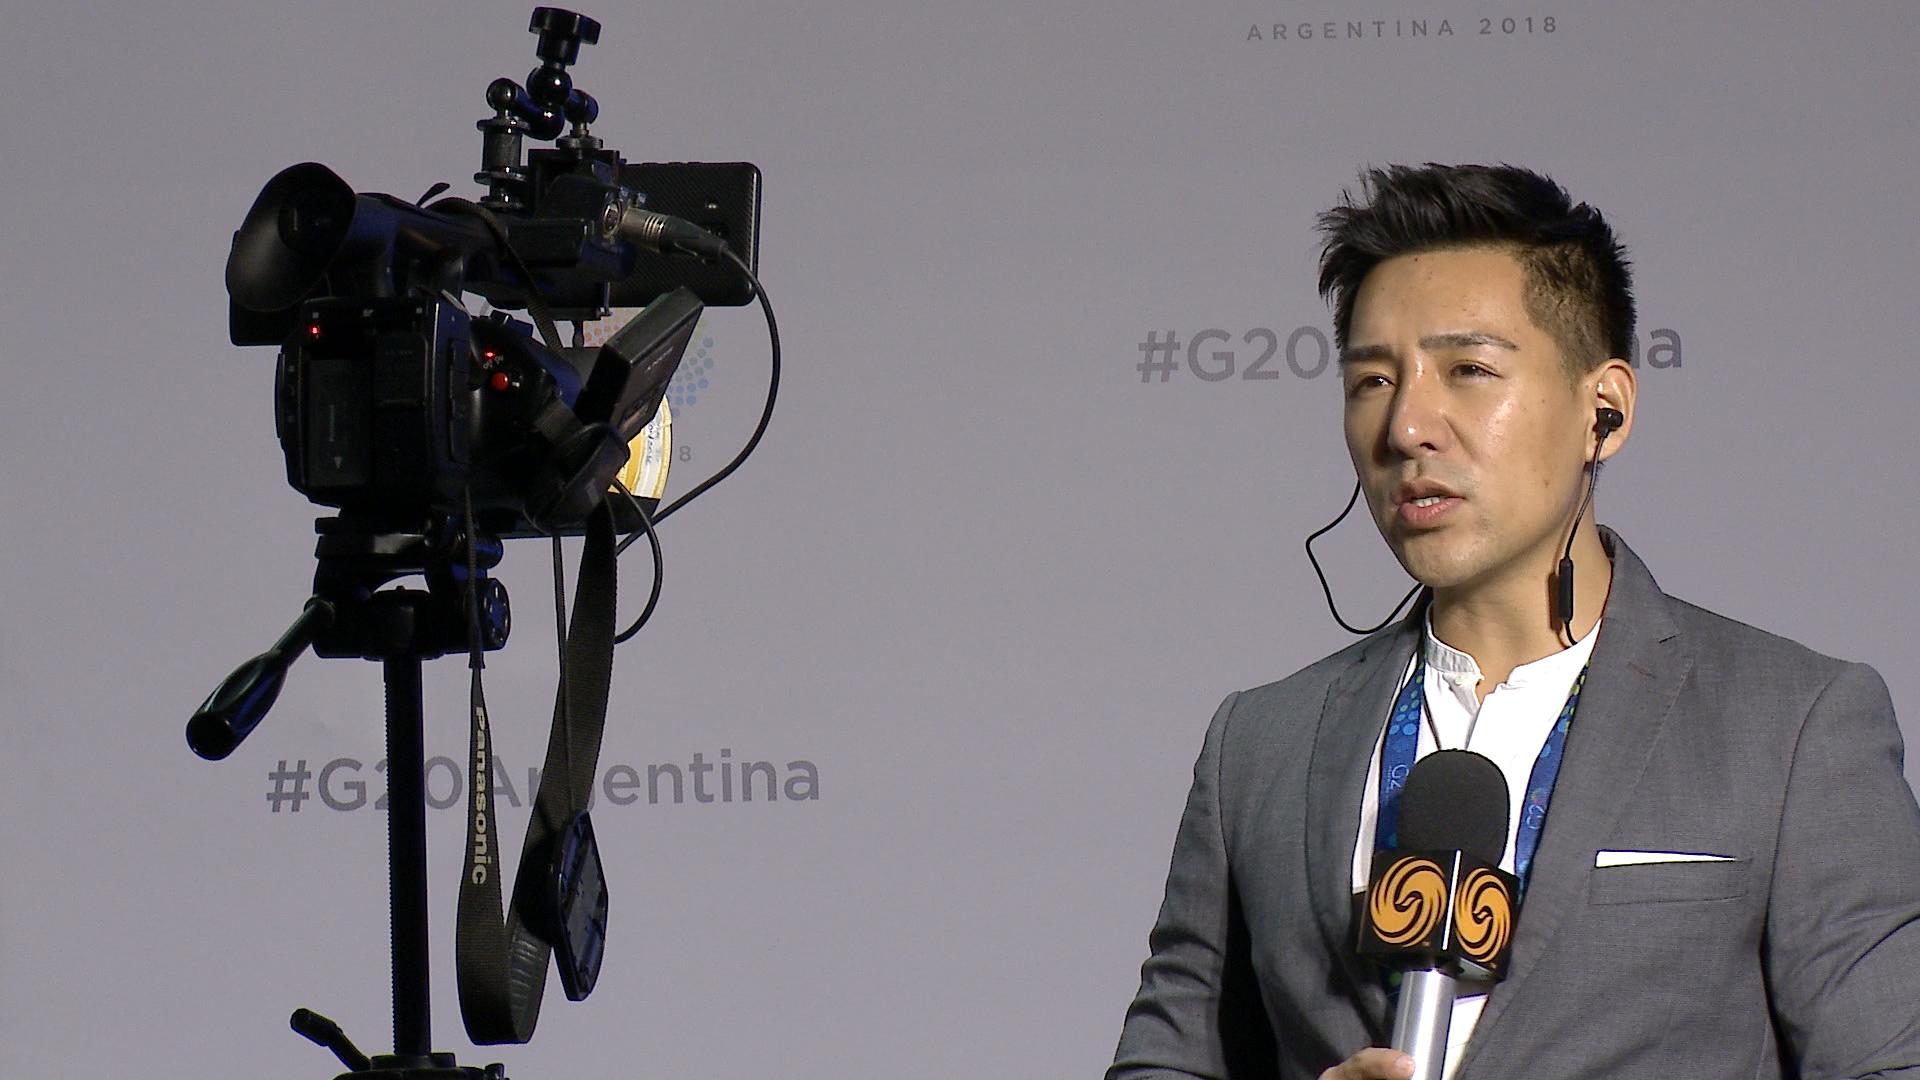 Un reportero internacional durante una jornada de trabajo por el G20